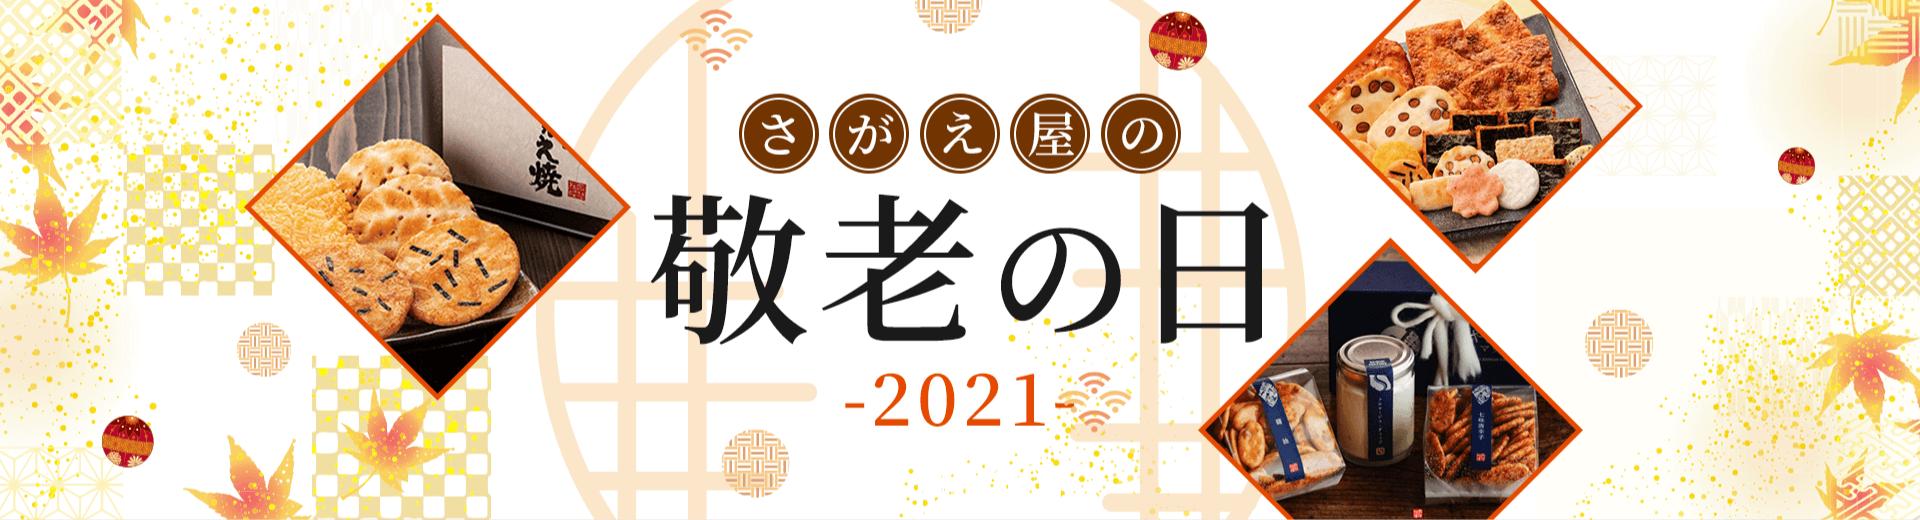 さがえ屋の敬老の日 2021